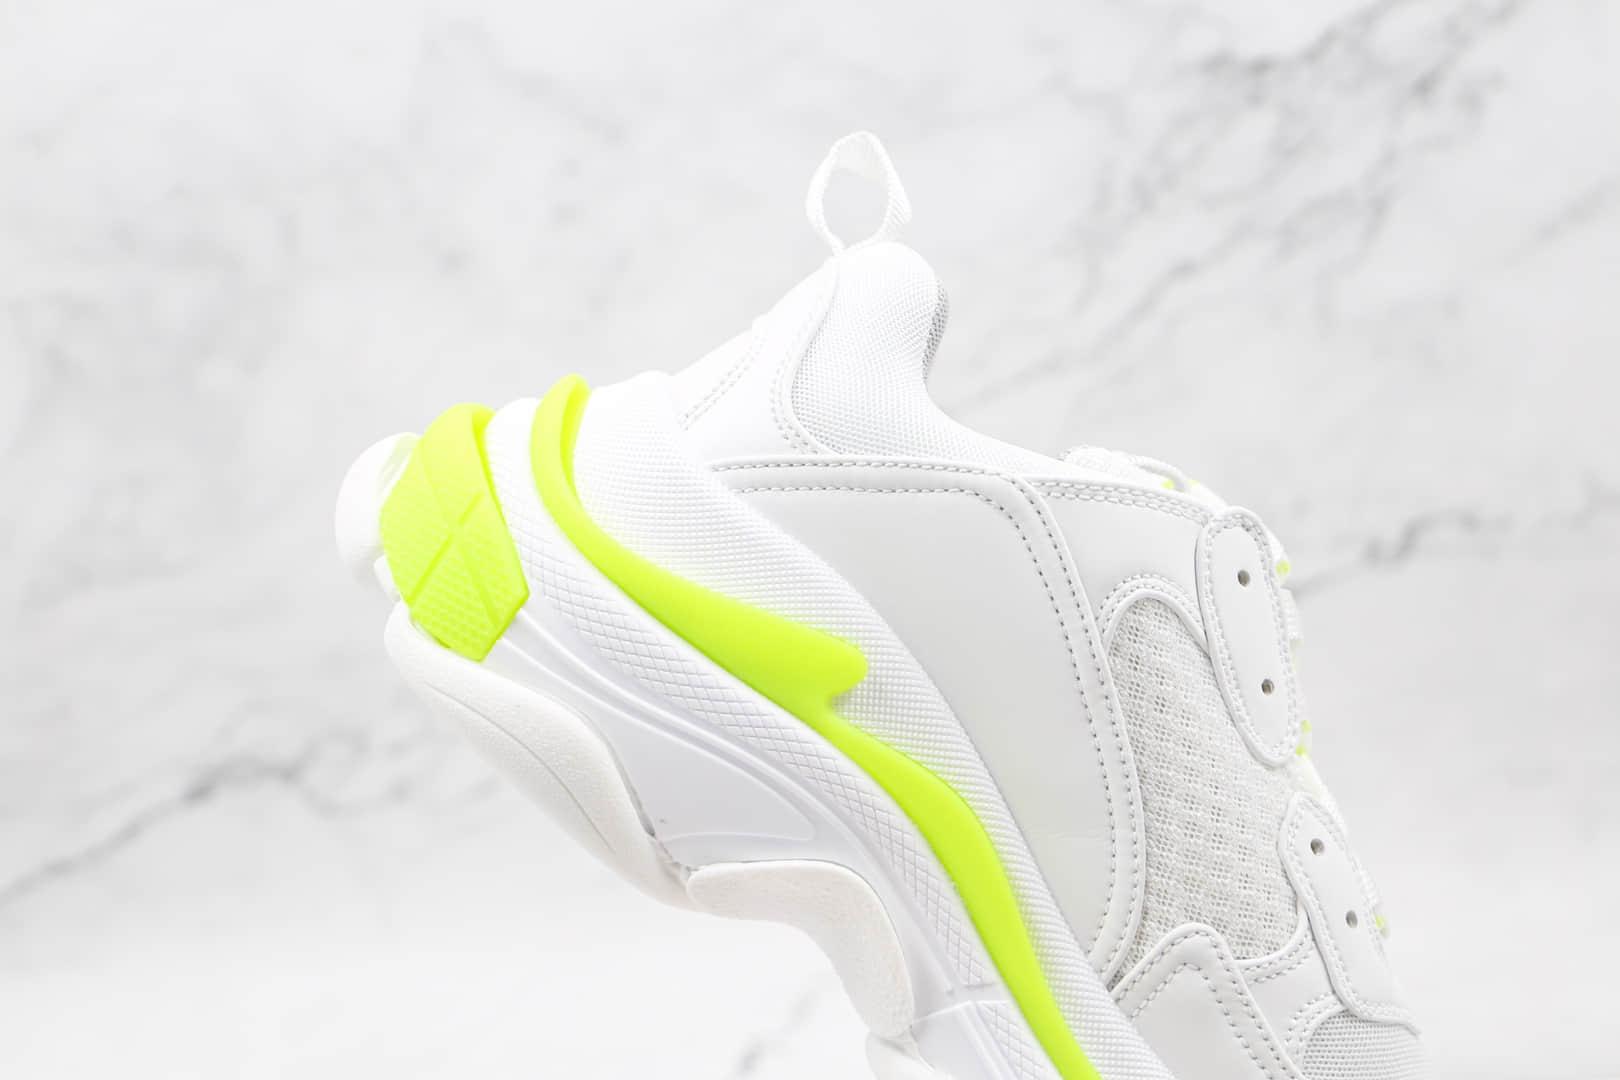 巴黎世家Balenciaga纯原版本初代1.0白绿色老爹鞋原盒配件齐全原档案数据开发